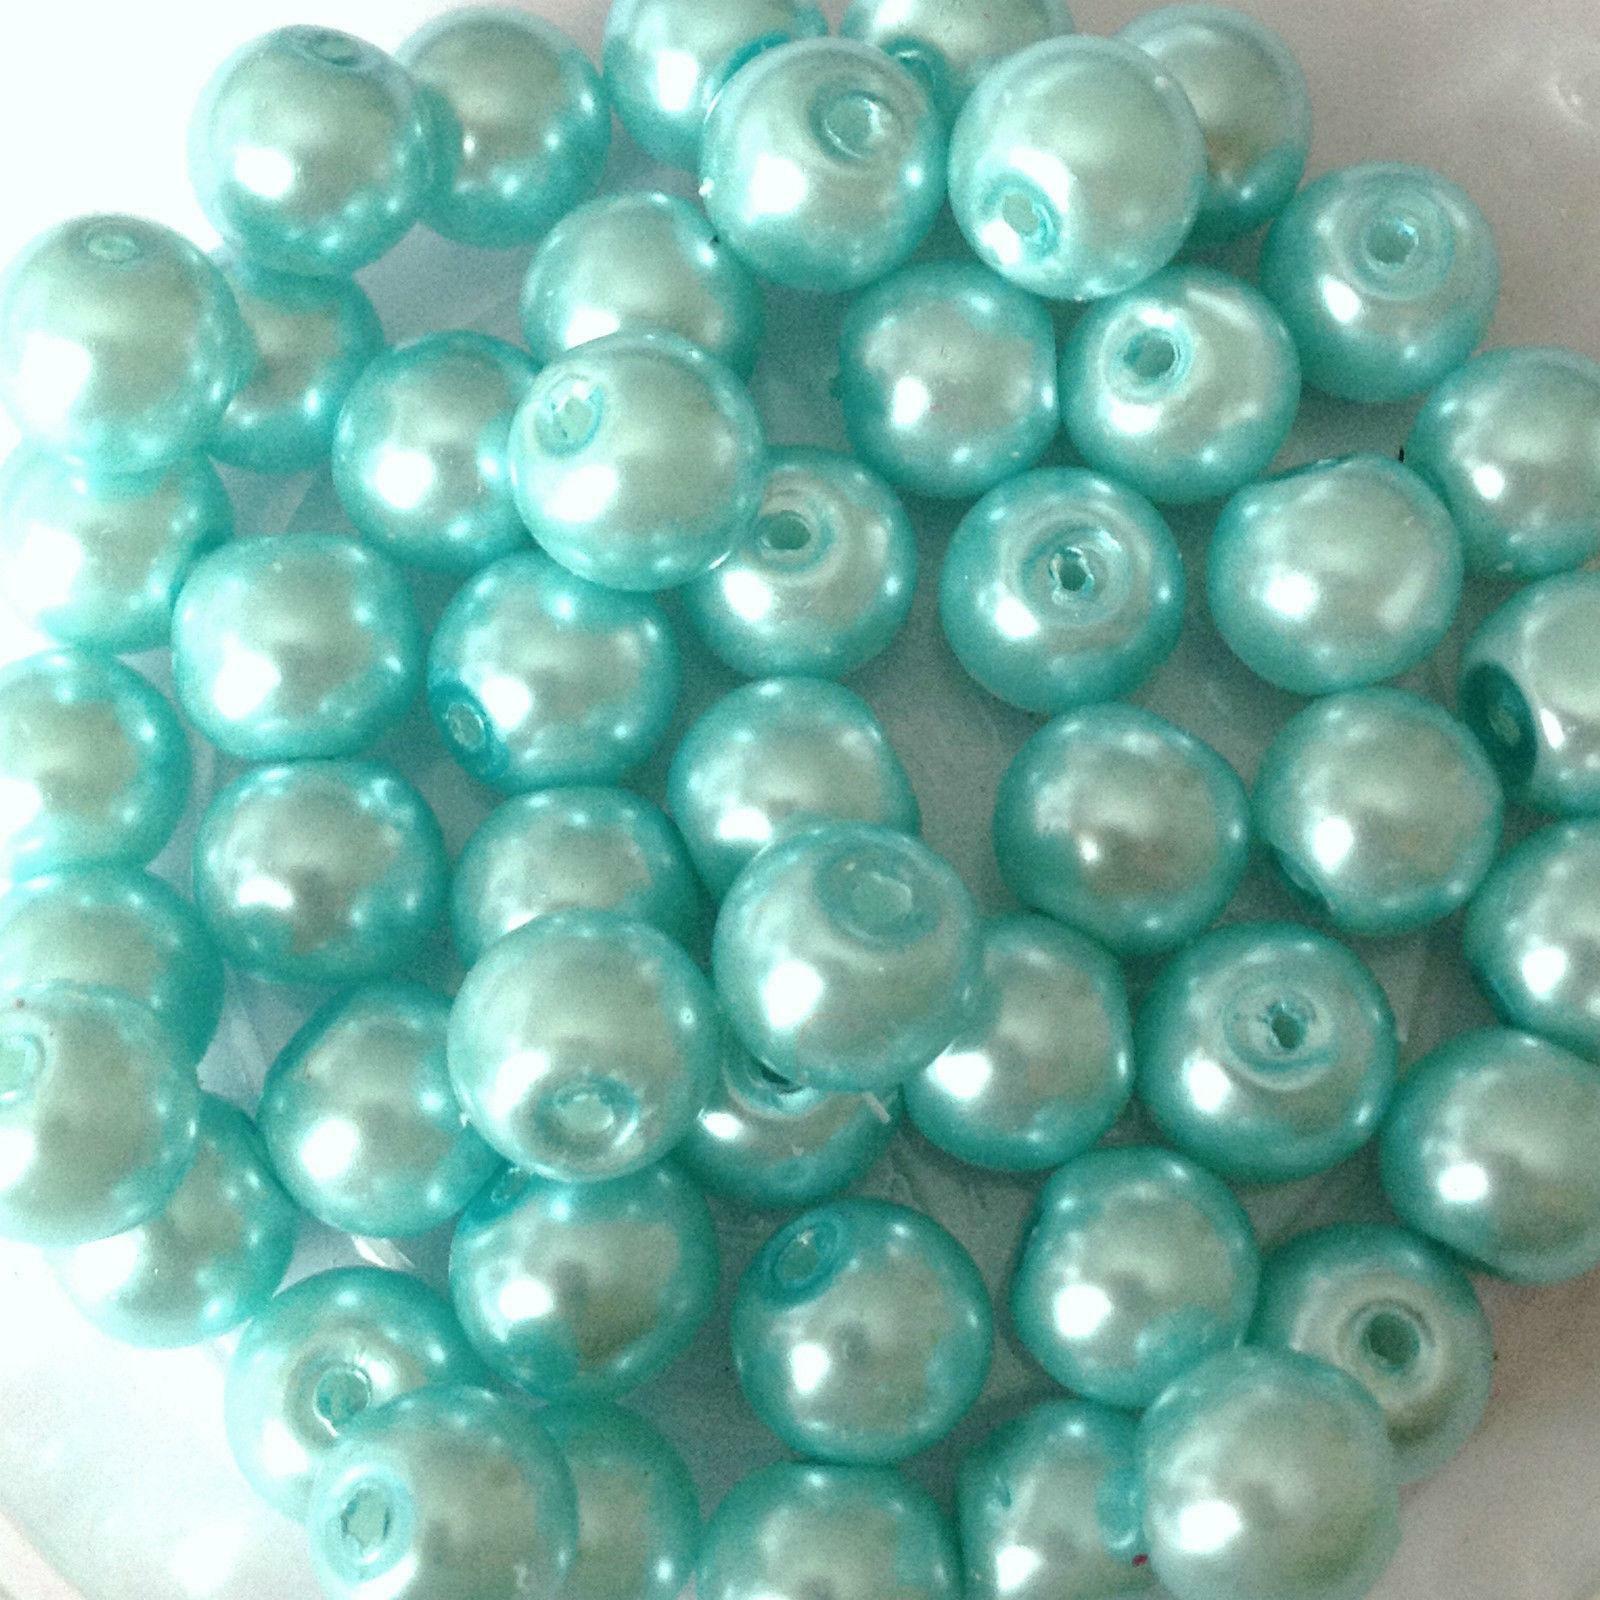 dol24 srl dol24 perle decorative 8 mm tiffany - 250 pz